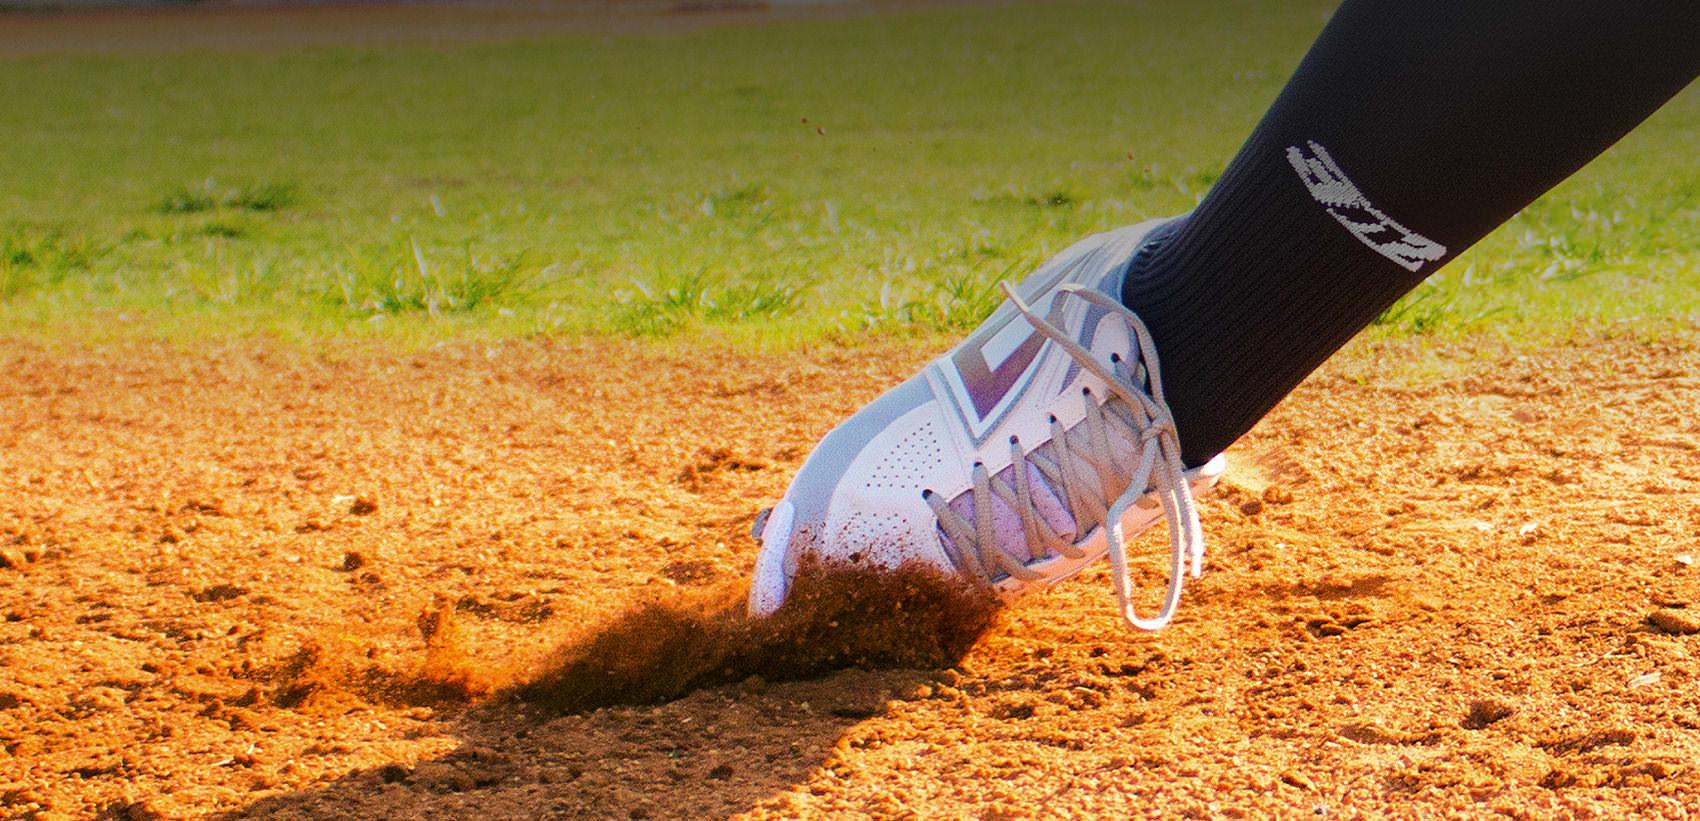 Bas 9 Bas MizunoChaussure 9 MizunoChaussure De Softball De Softball MizunoChaussure De Softball Bas fyvI76Ygbm